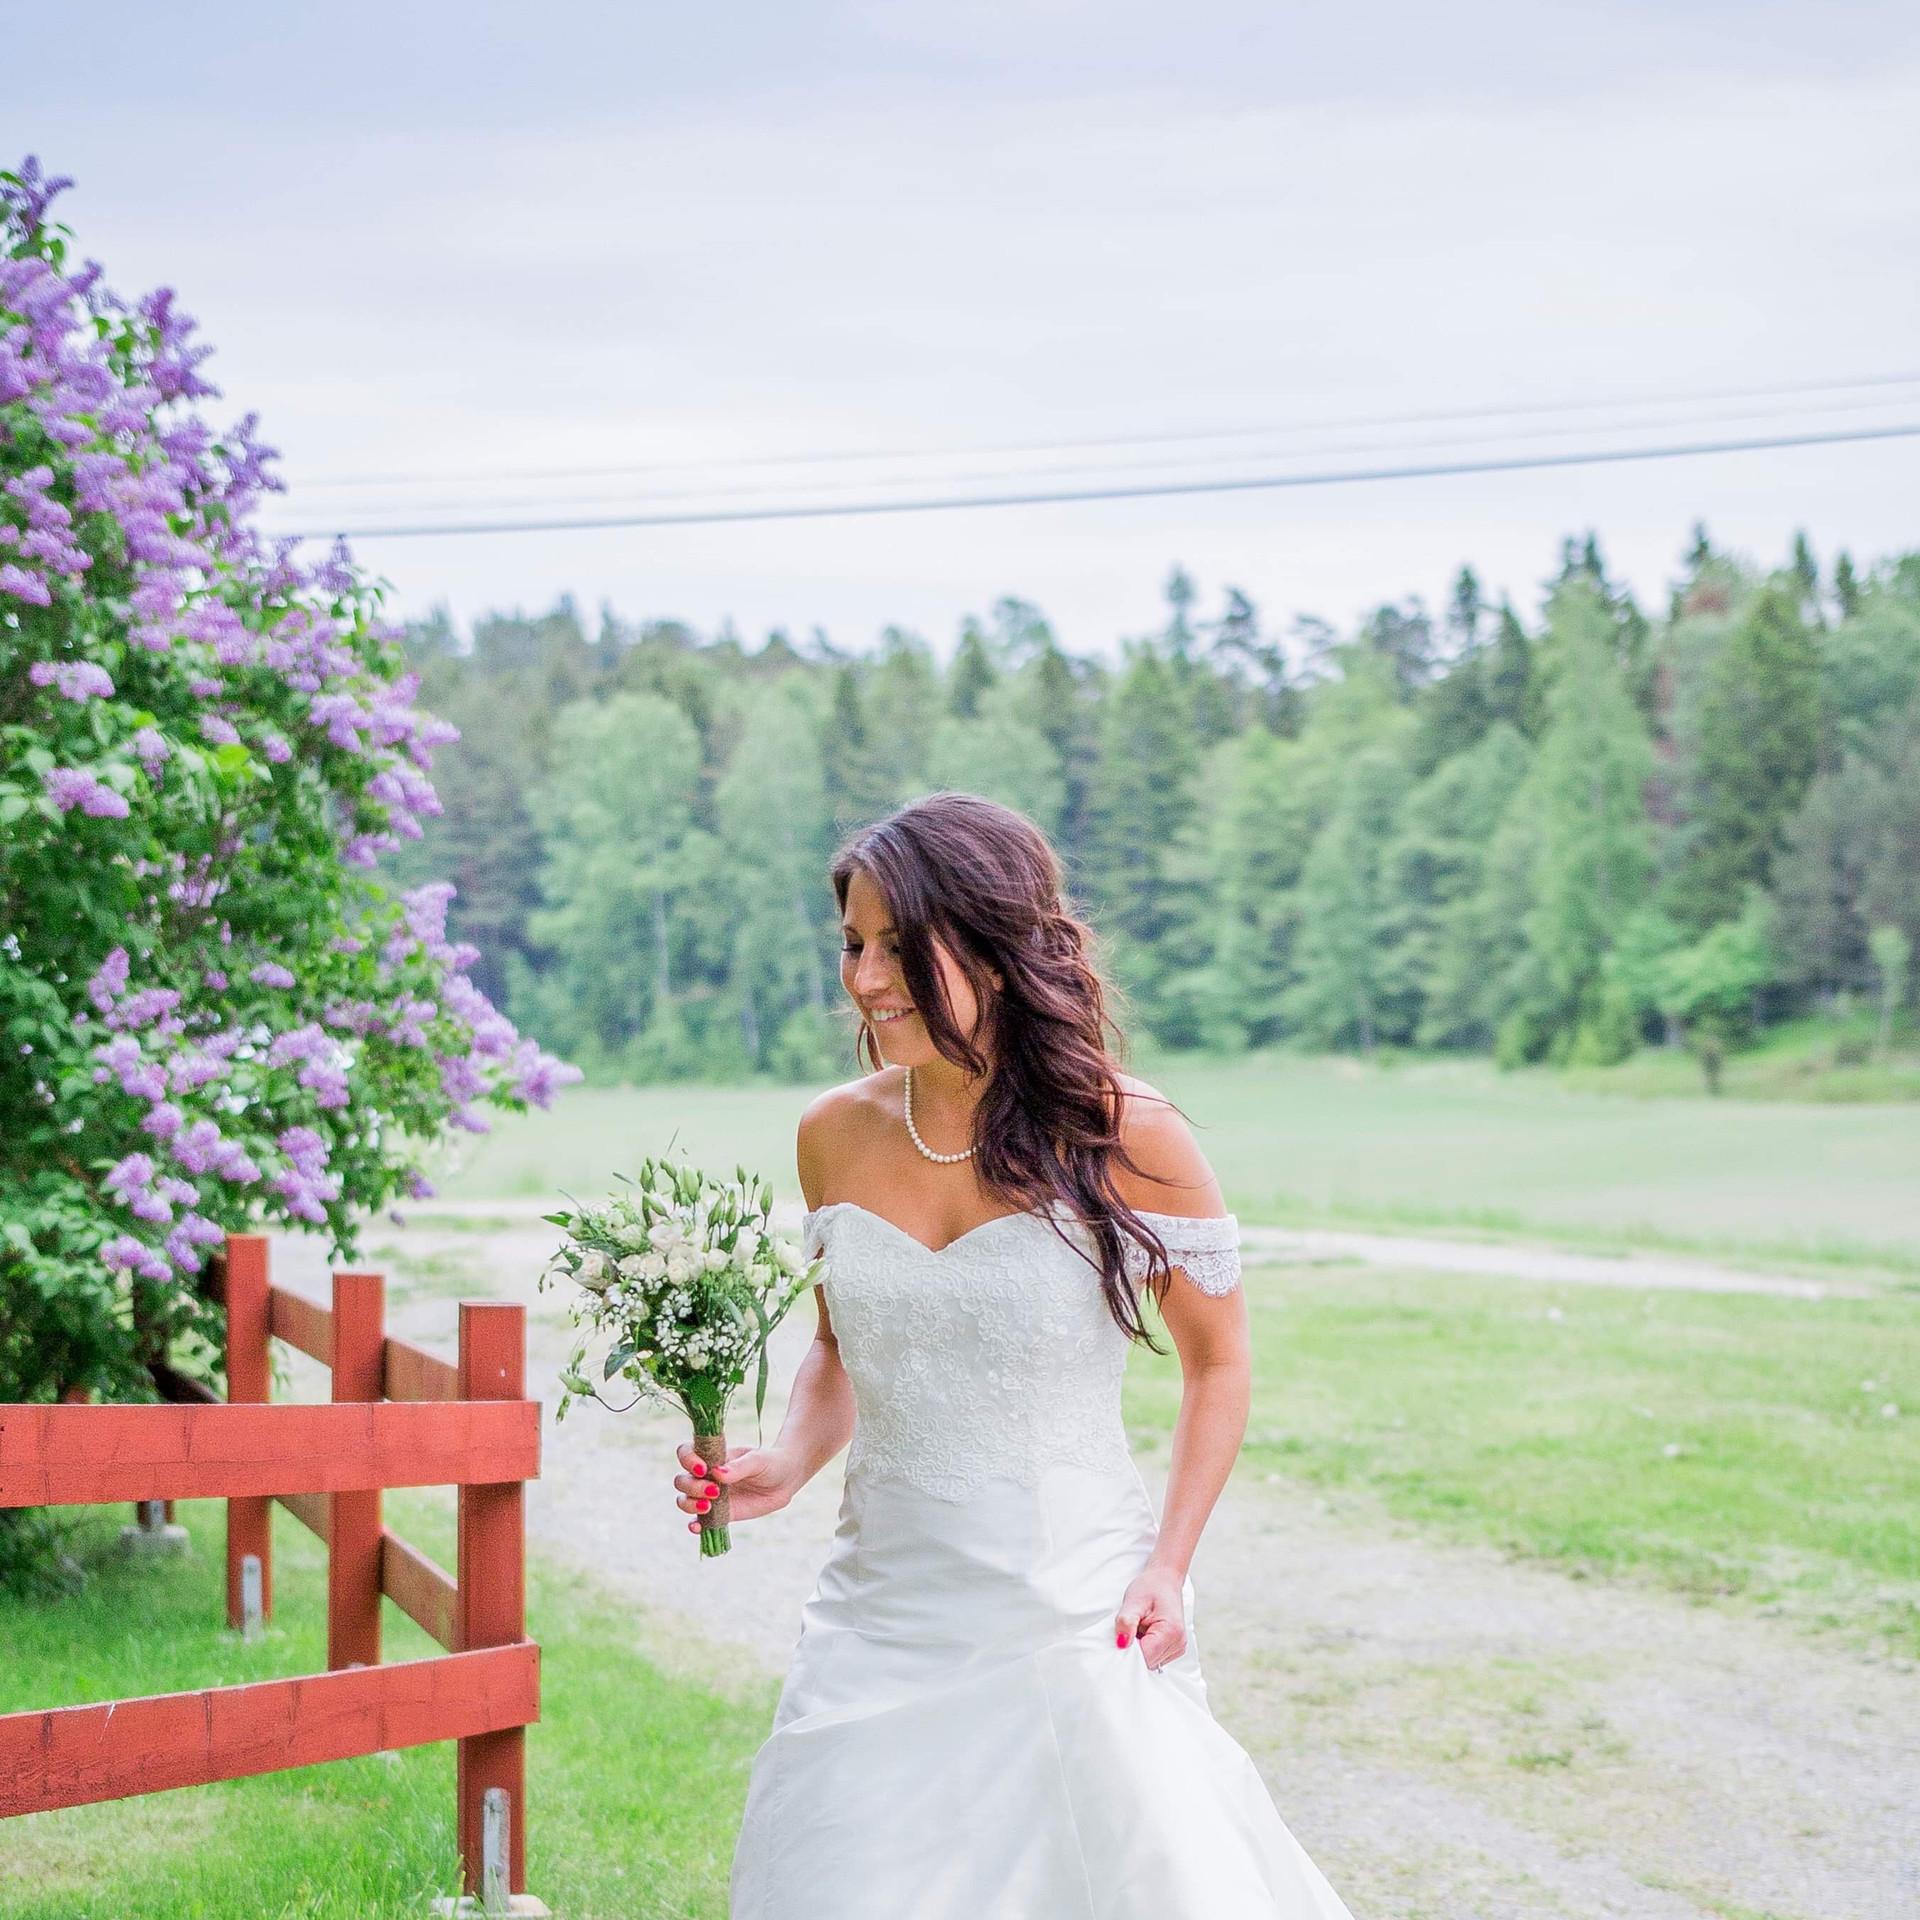 Bröllop_Gålö_Brud_Add_a_flower.JPG